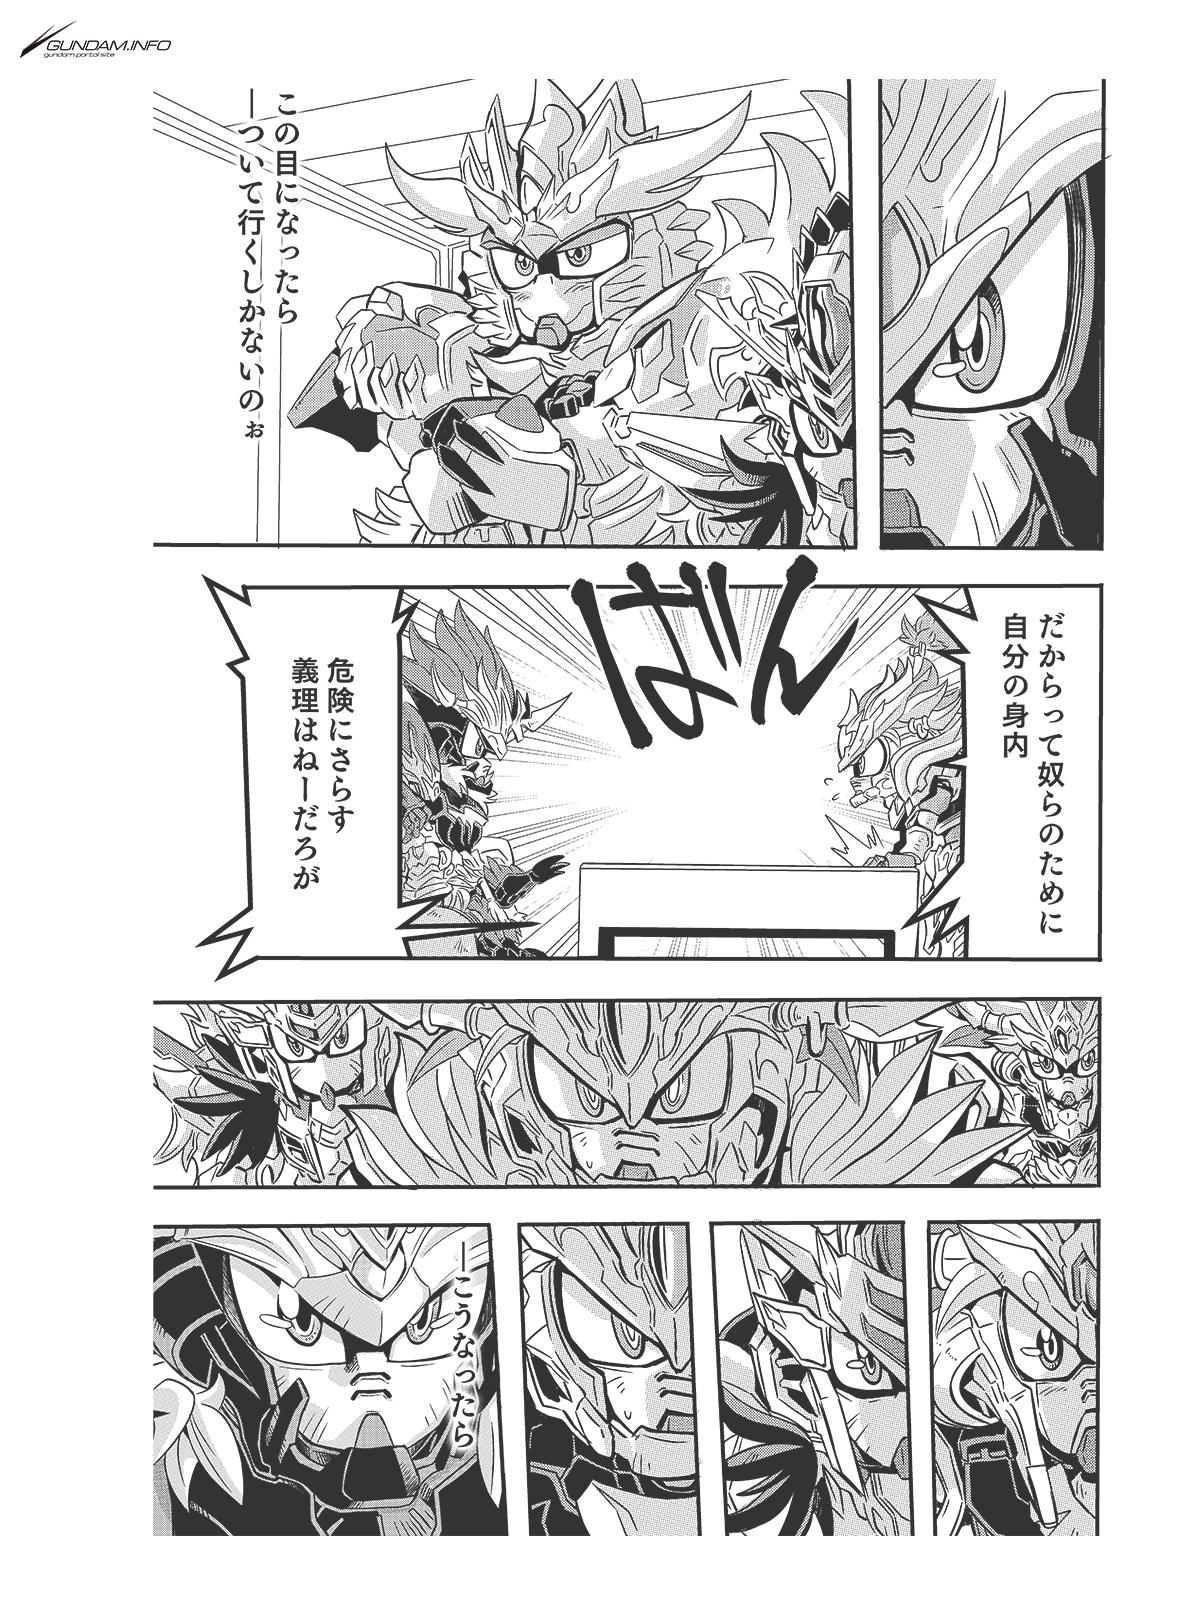 SDガンダムワールド 三国創傑伝 焔虎譚 第8話 P9